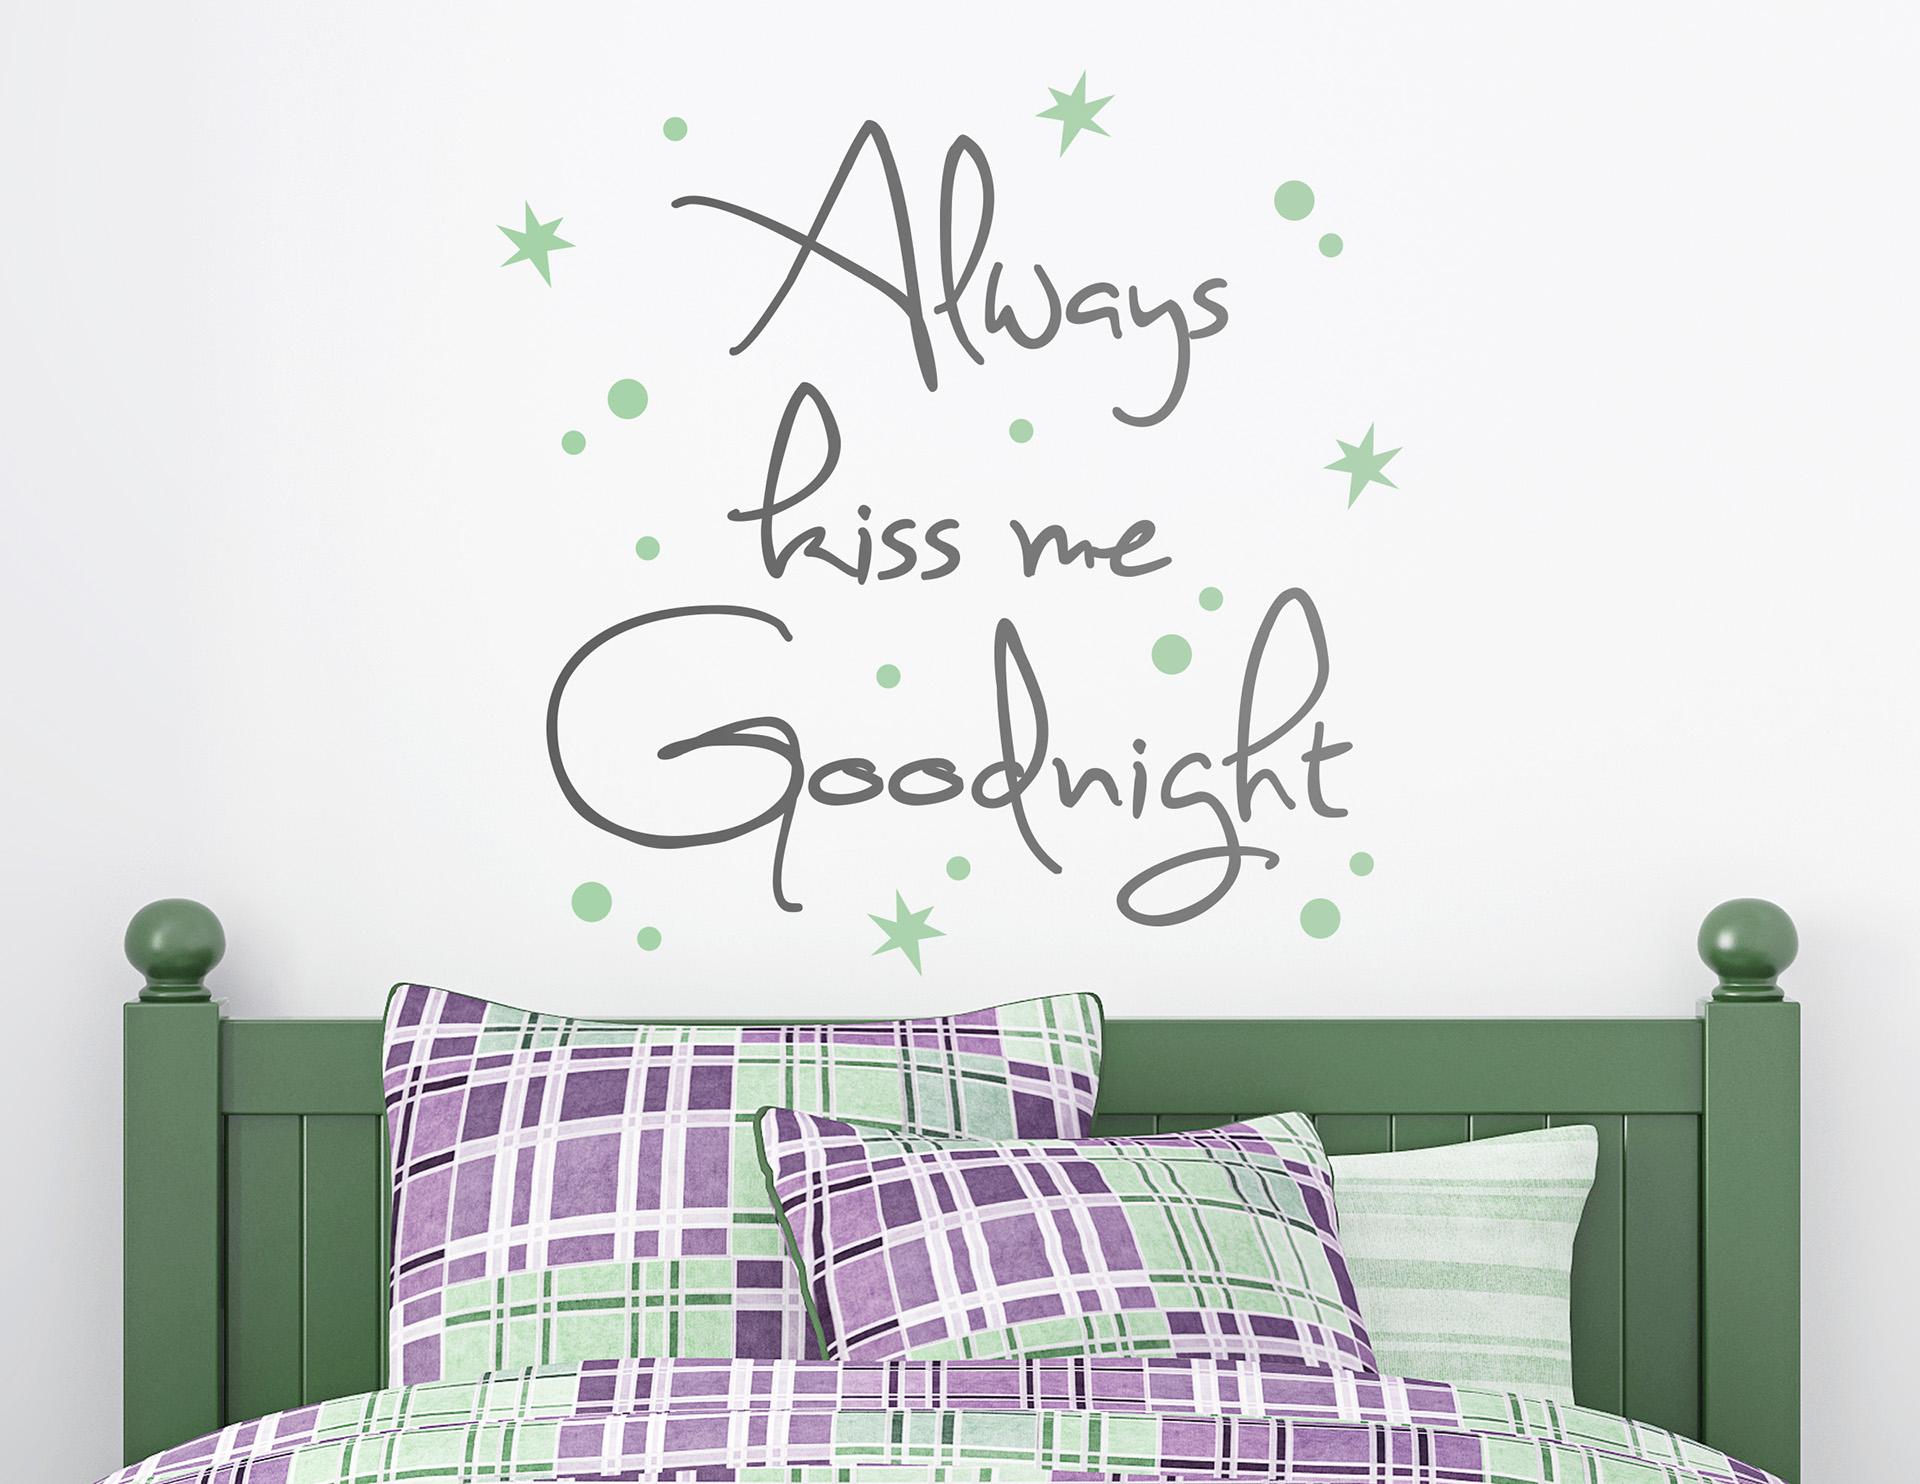 Wandtattoo Goodnight Kiss für süße Nächte.